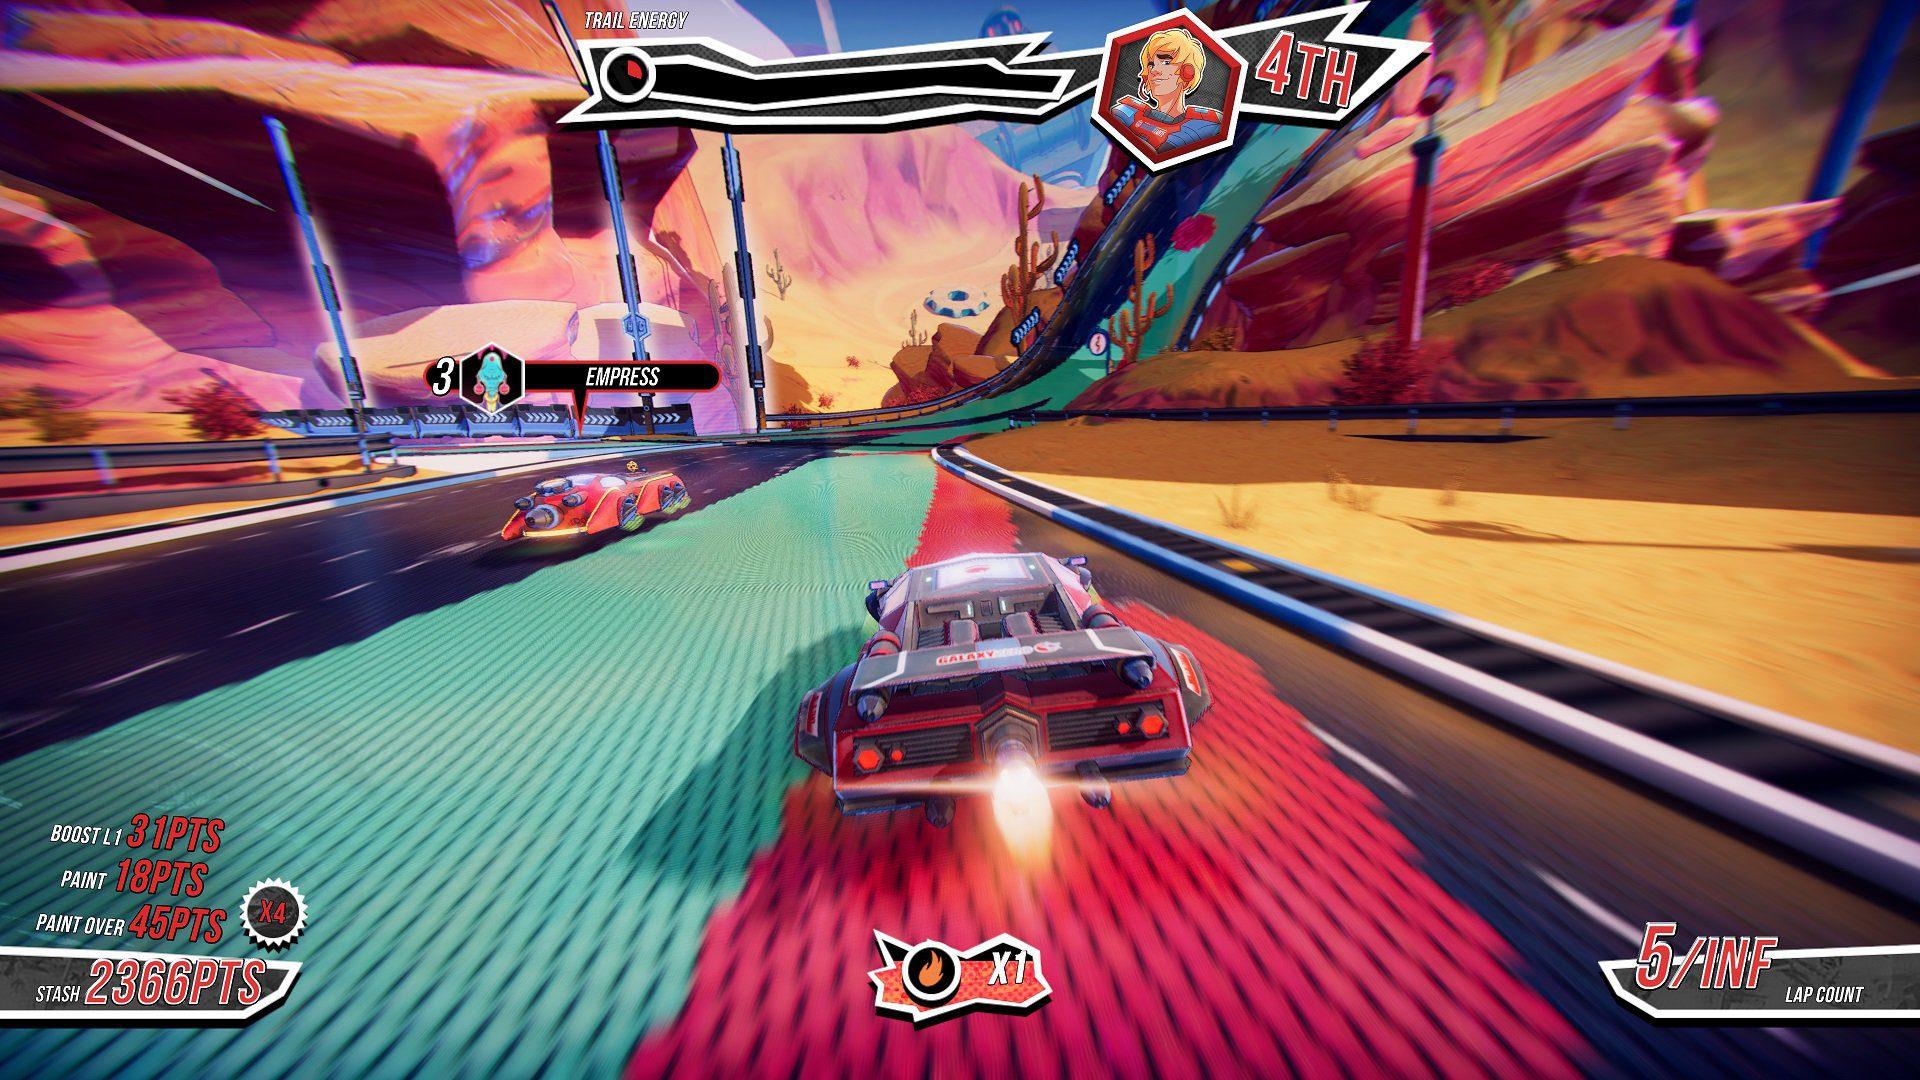 Análisis de Trailblazers - Trailblazers es un juego que nos ofrece carreras alocadas en cooperativo donde la acción la velocidad se funden para crear una experiencia única en Xbox One.